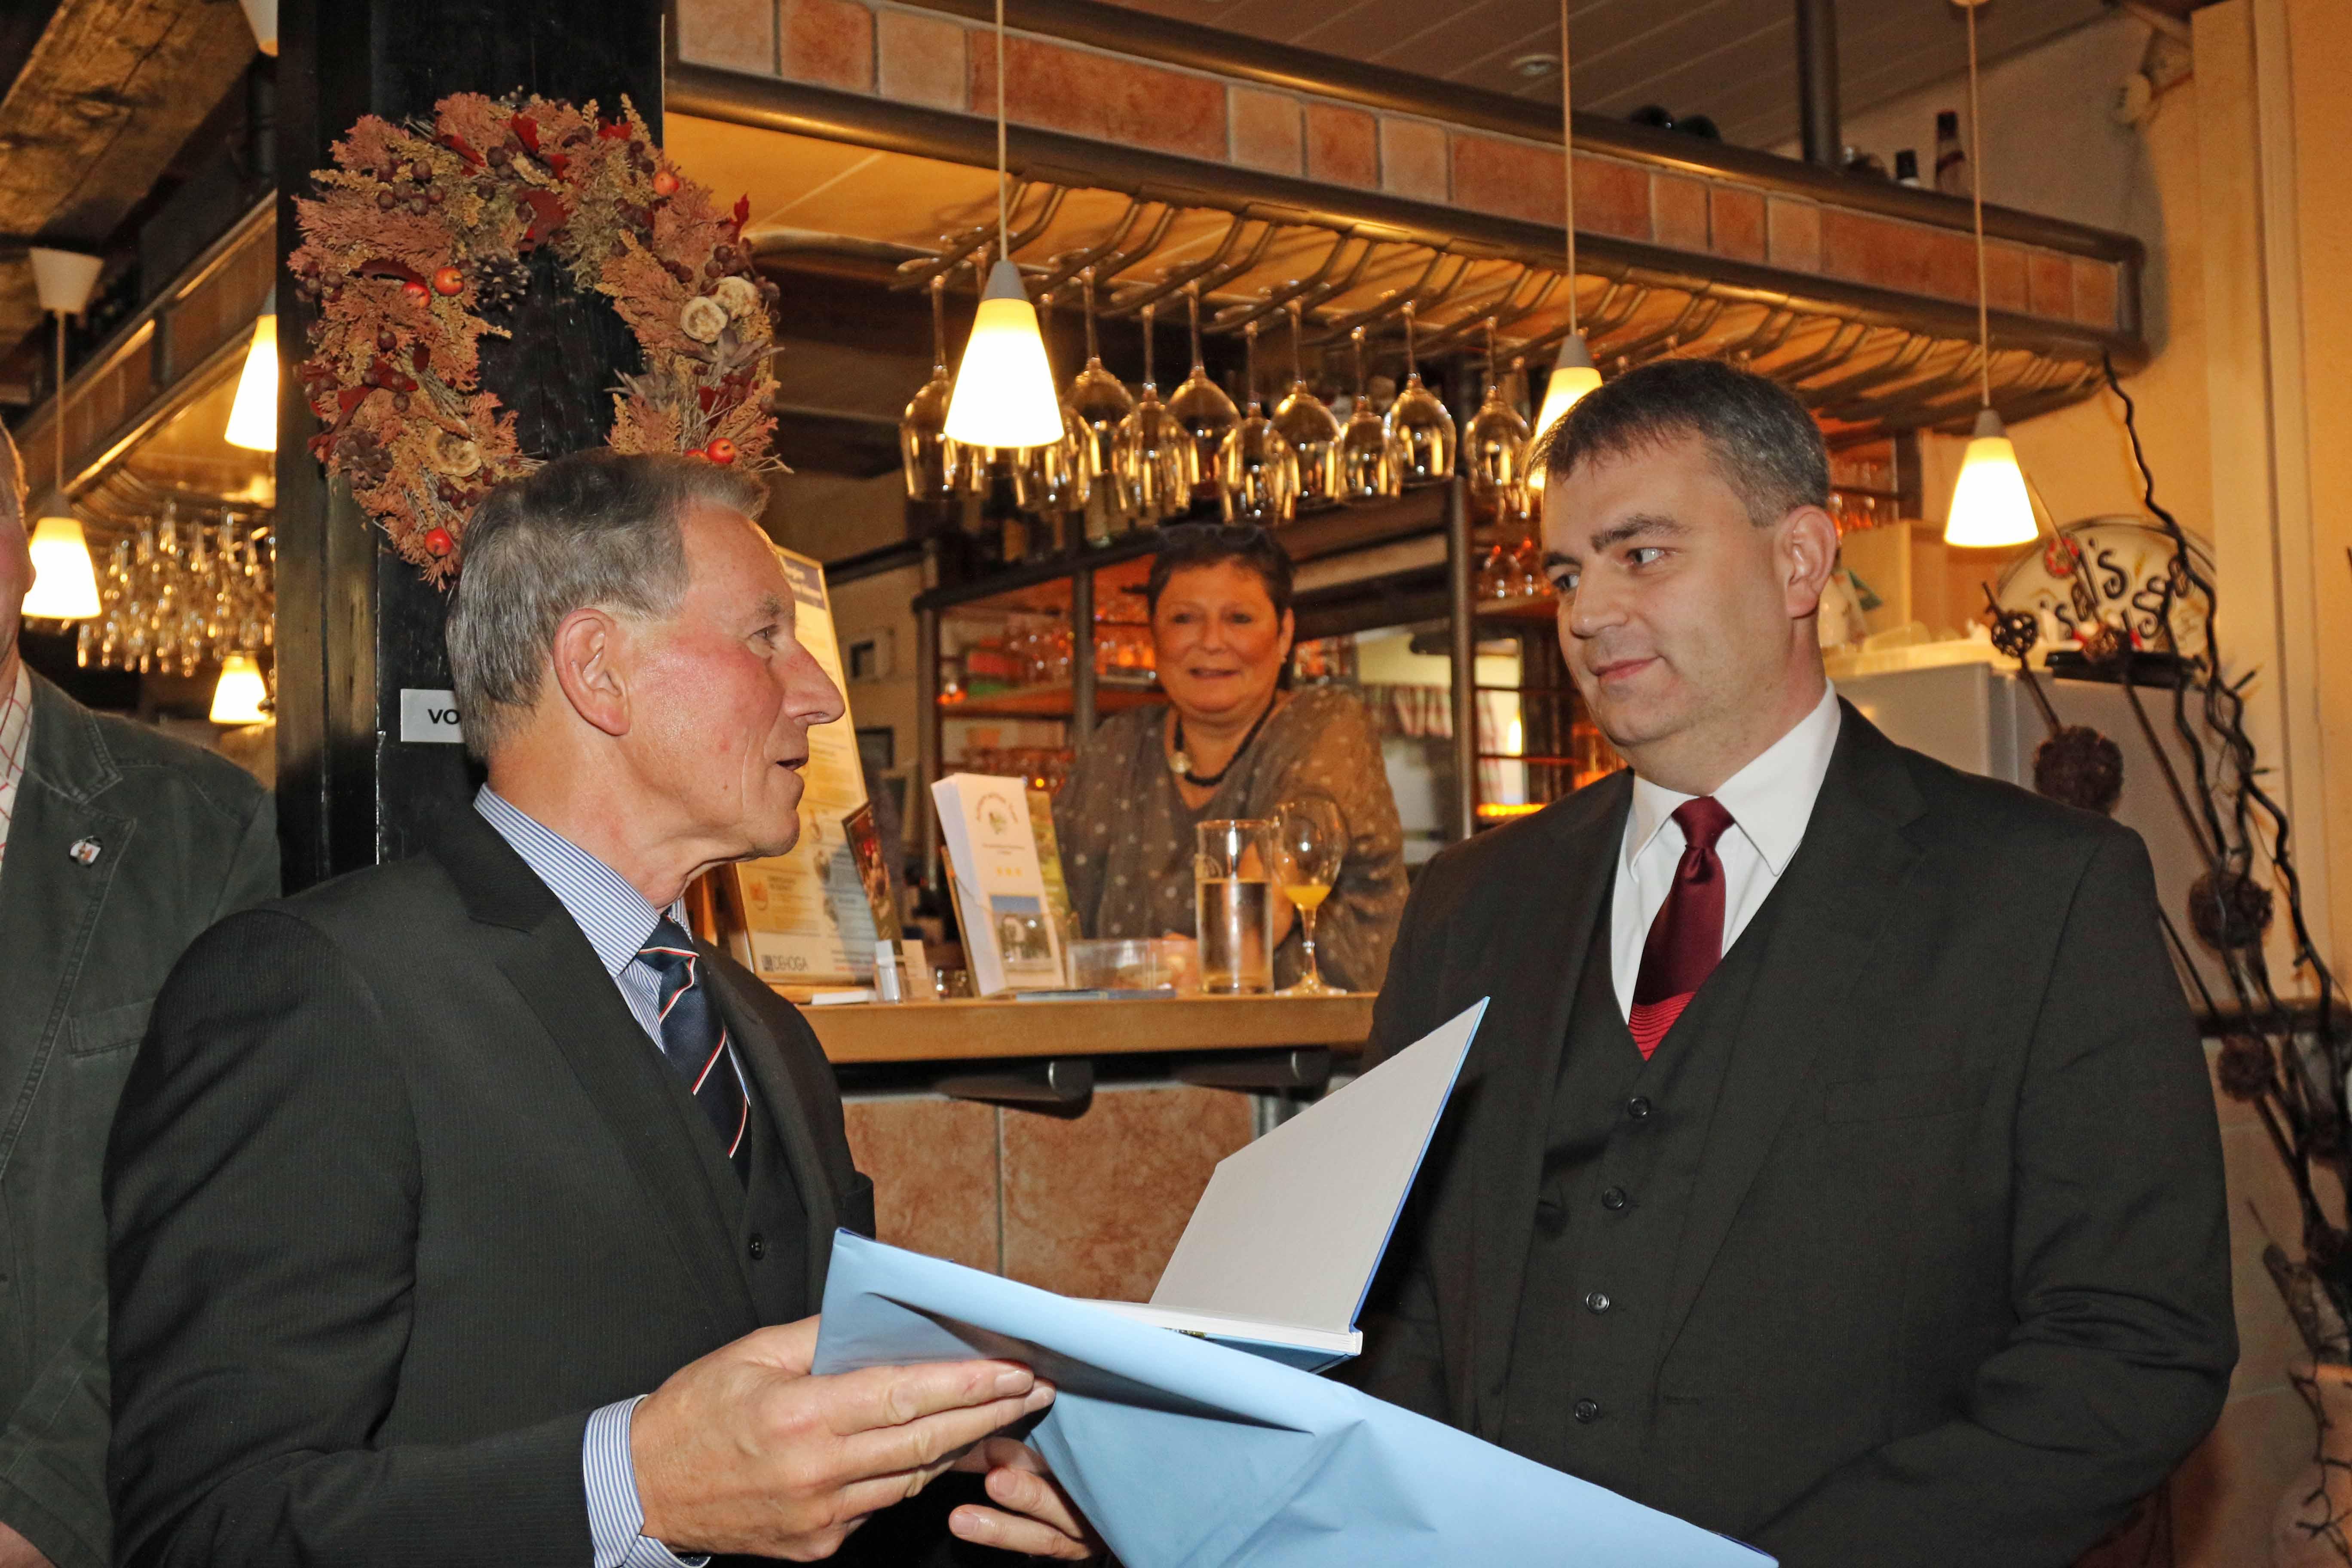 Bürgermeister Lars Wunsch Lobt Engagierte Zusammenarbeit